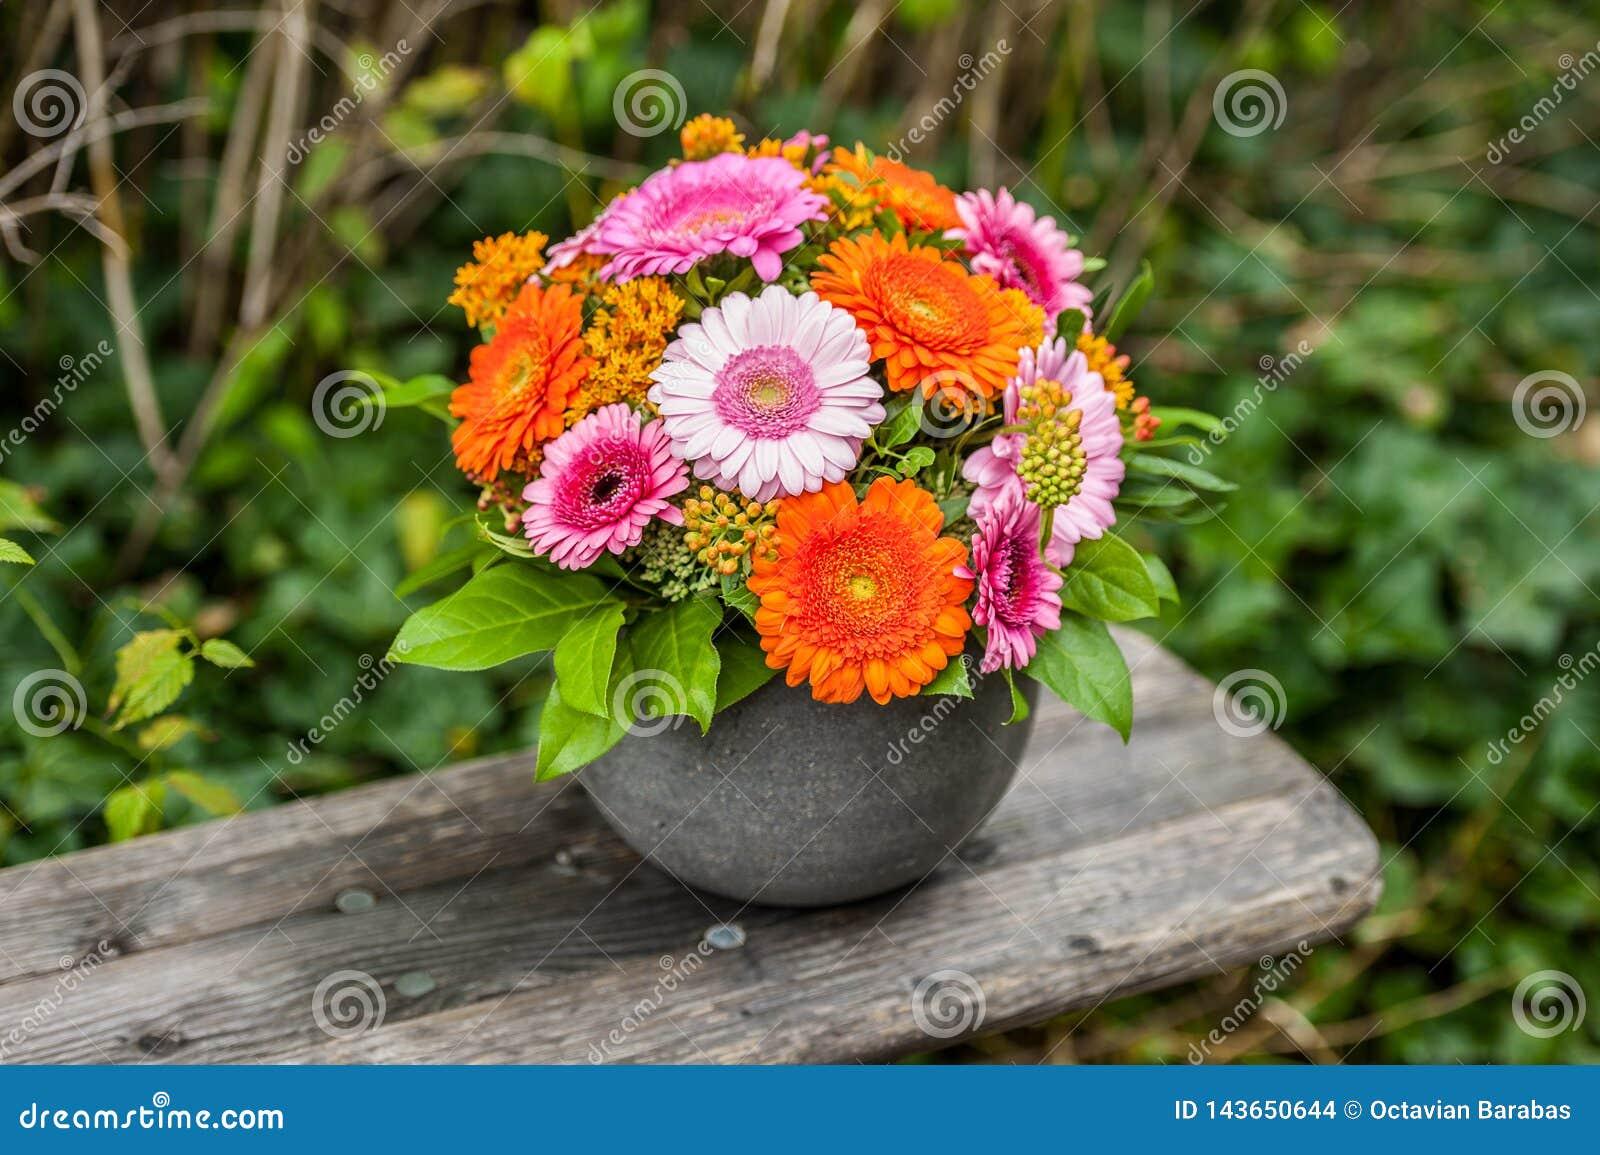 Красивый букет цветка в цветочном горшке на деревянном стенде